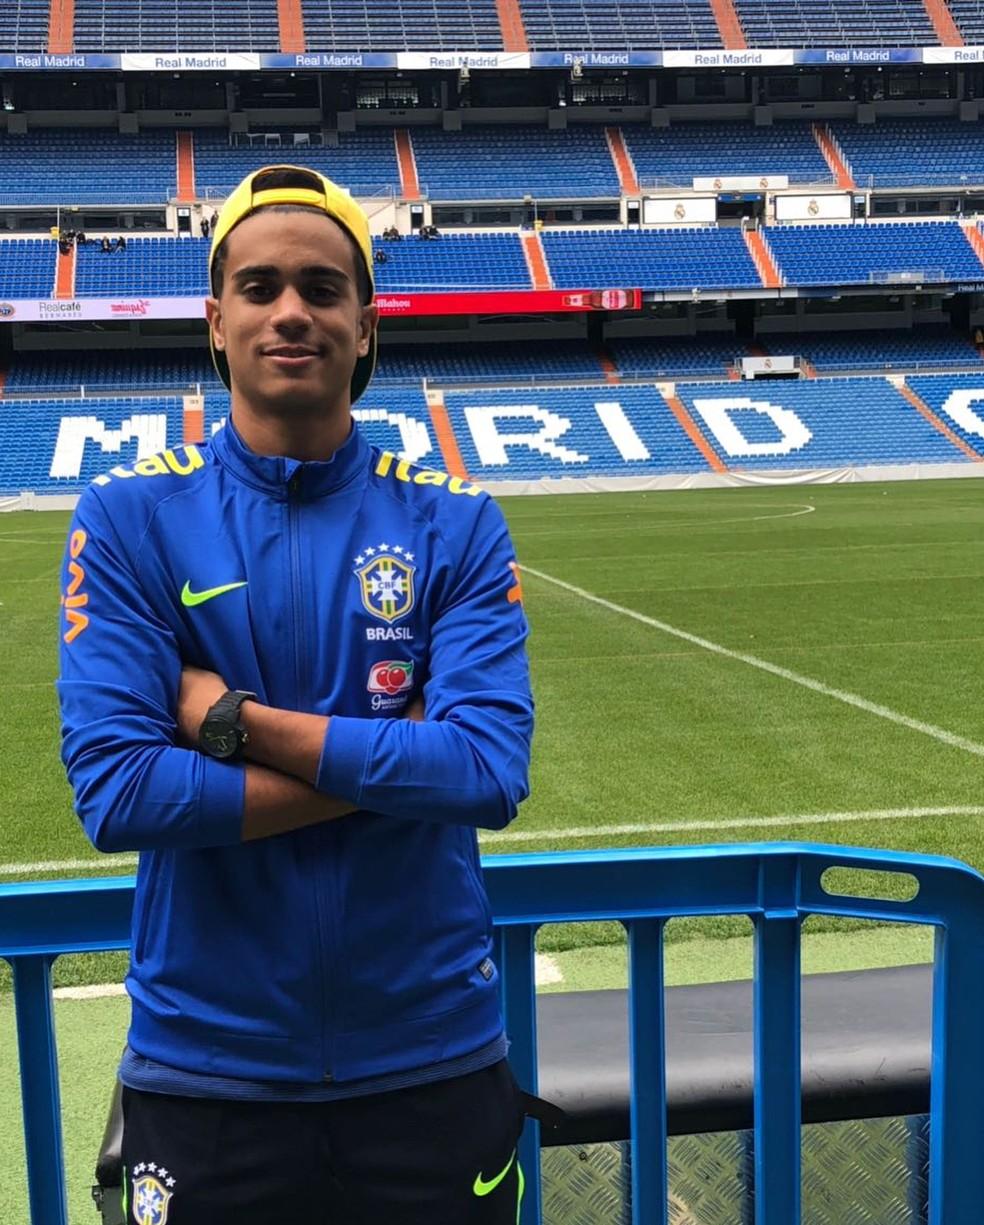 Reinier no Santiago Bernabéu, estádio do Real Madrid — Foto: Reprodução/Instagram